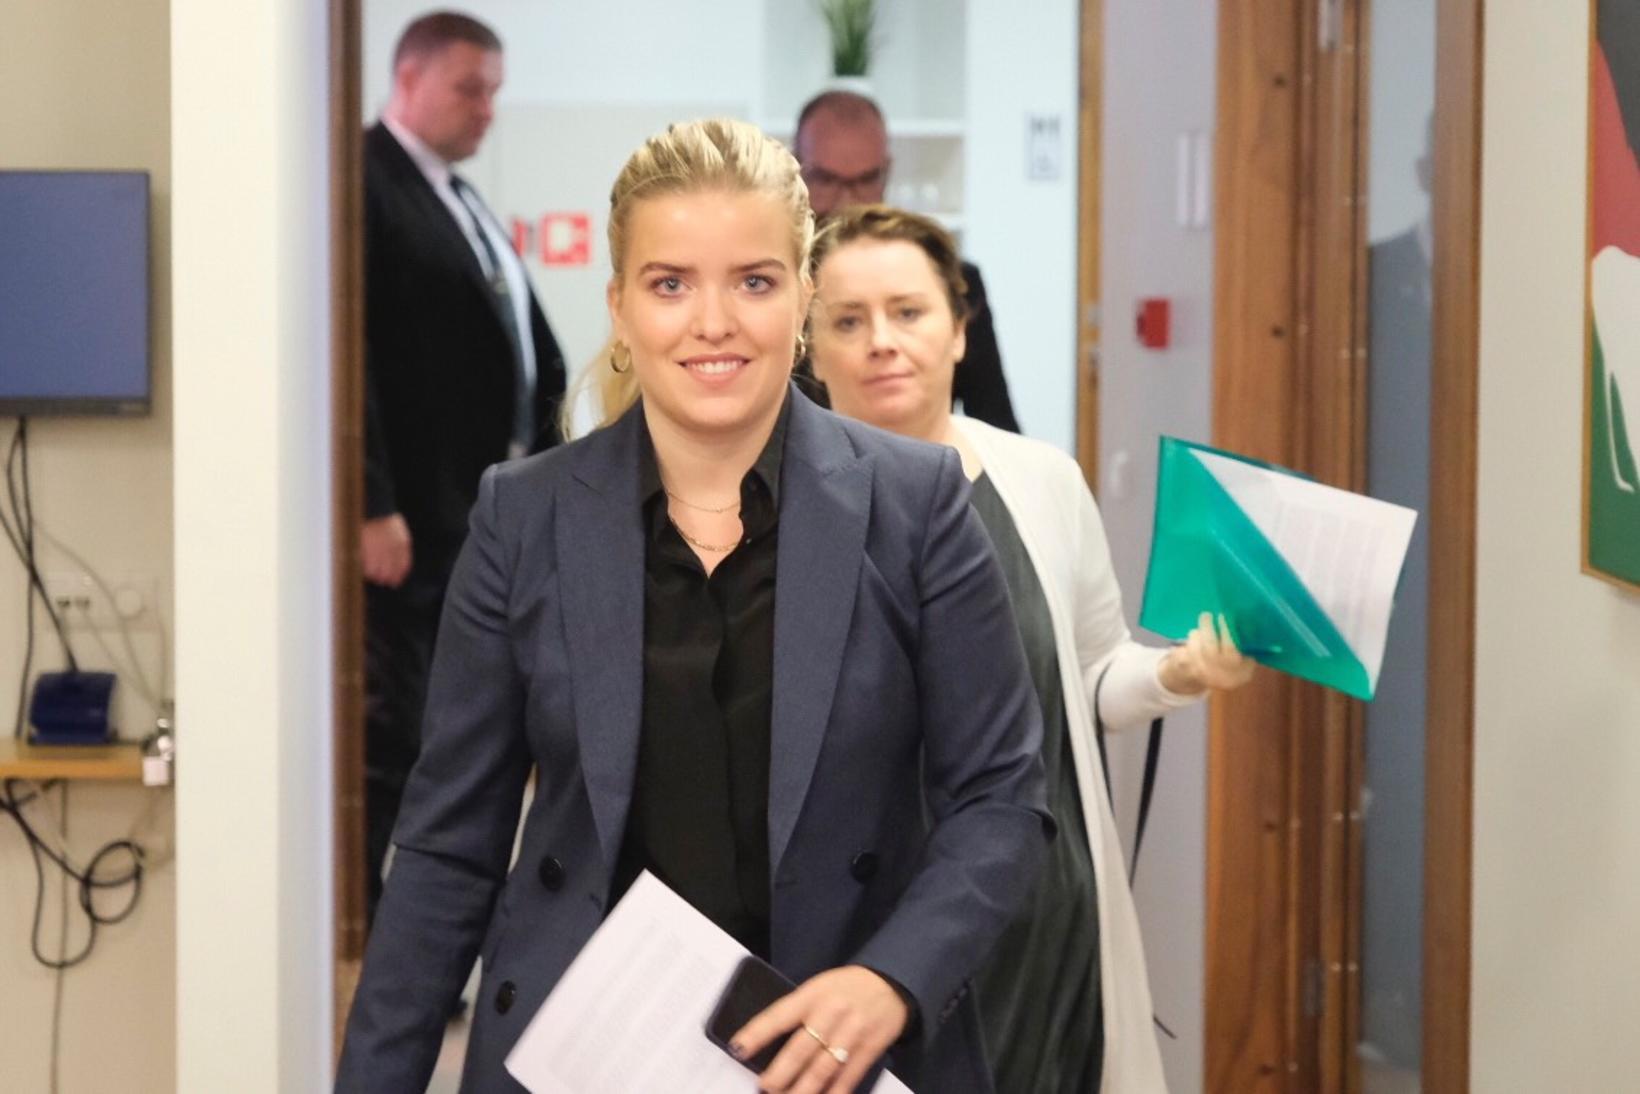 Áslaug Arna Sigurbjörnsdóttir dómsmálaráðherra á leið til fundar á nefndasviði ...